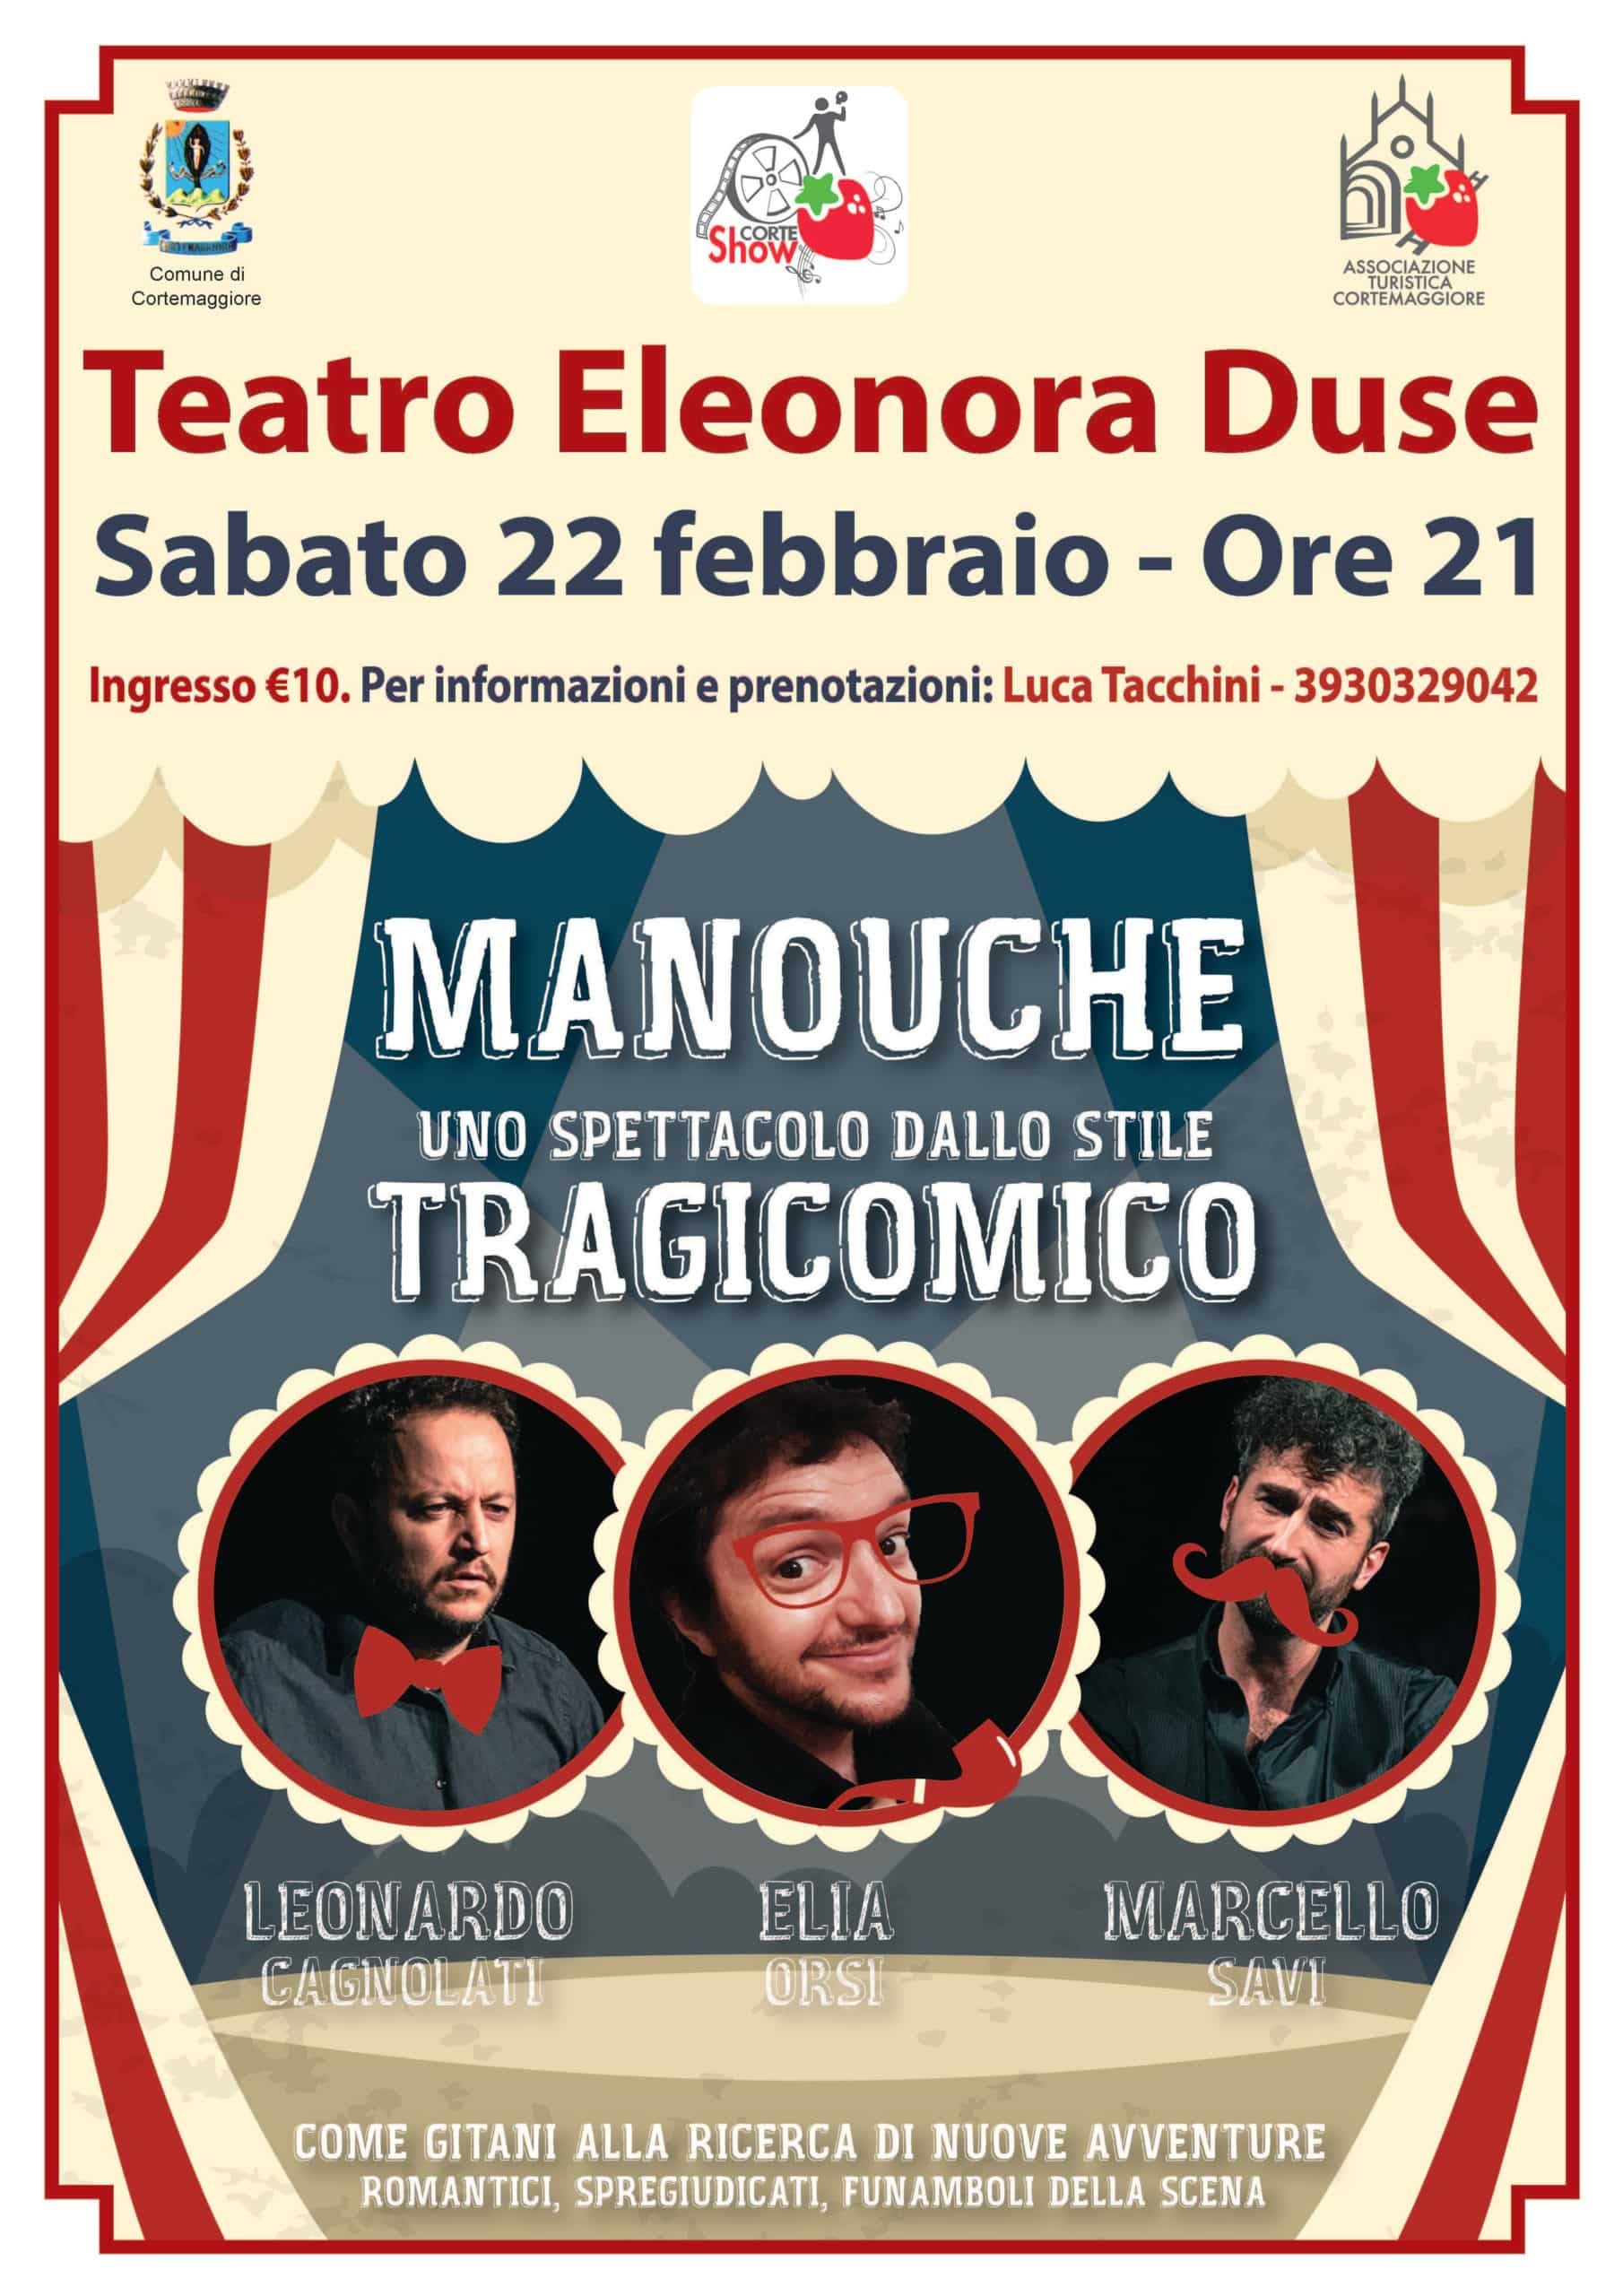 Ritornano su palco del teatro Duse di Cortemaggiore i TraAttori sabato 22 febbraio